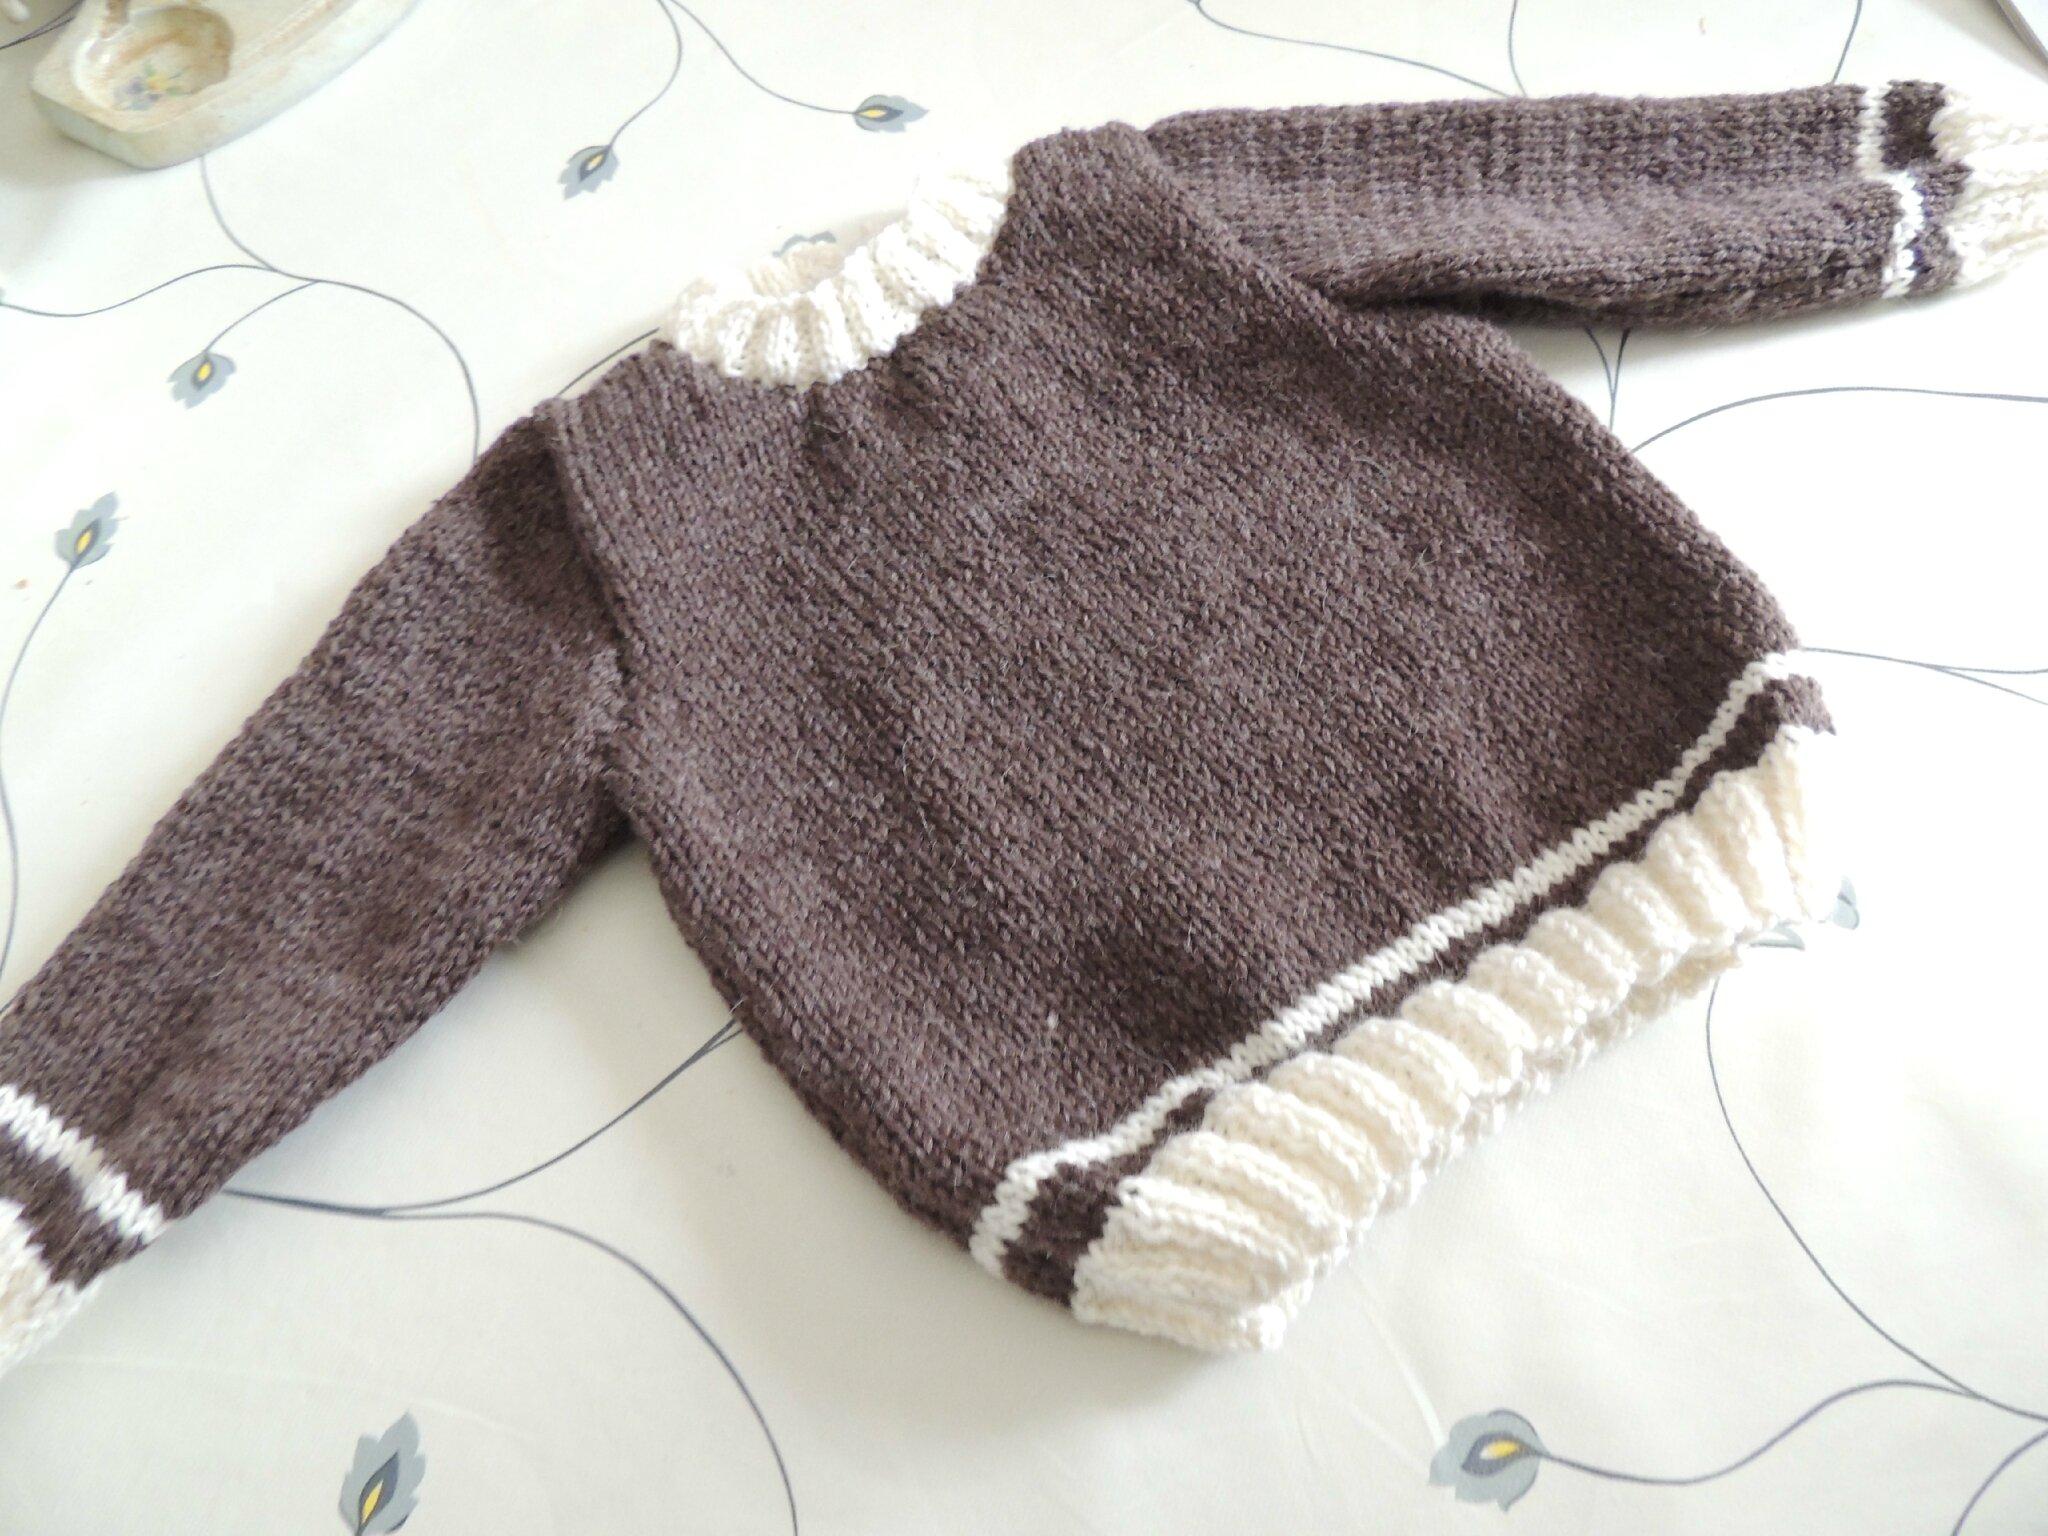 fae7fbb6a295d Modele tricot pull fille 2 ans gratuit - Chapka